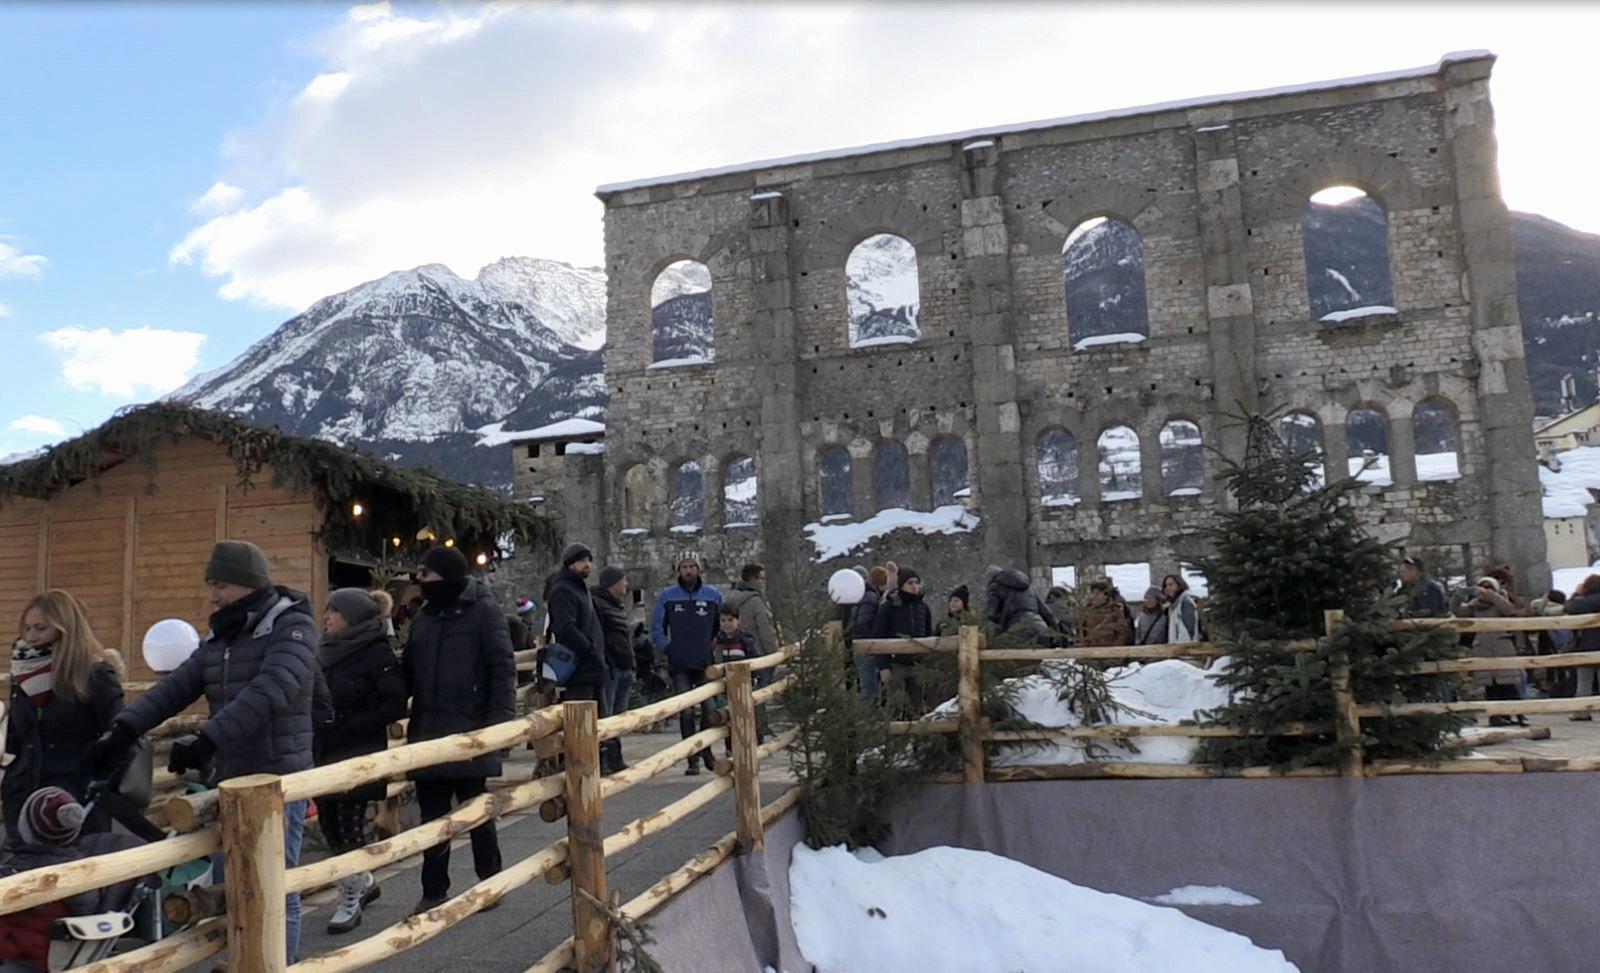 Natale, folla ai mercatini di Aosta